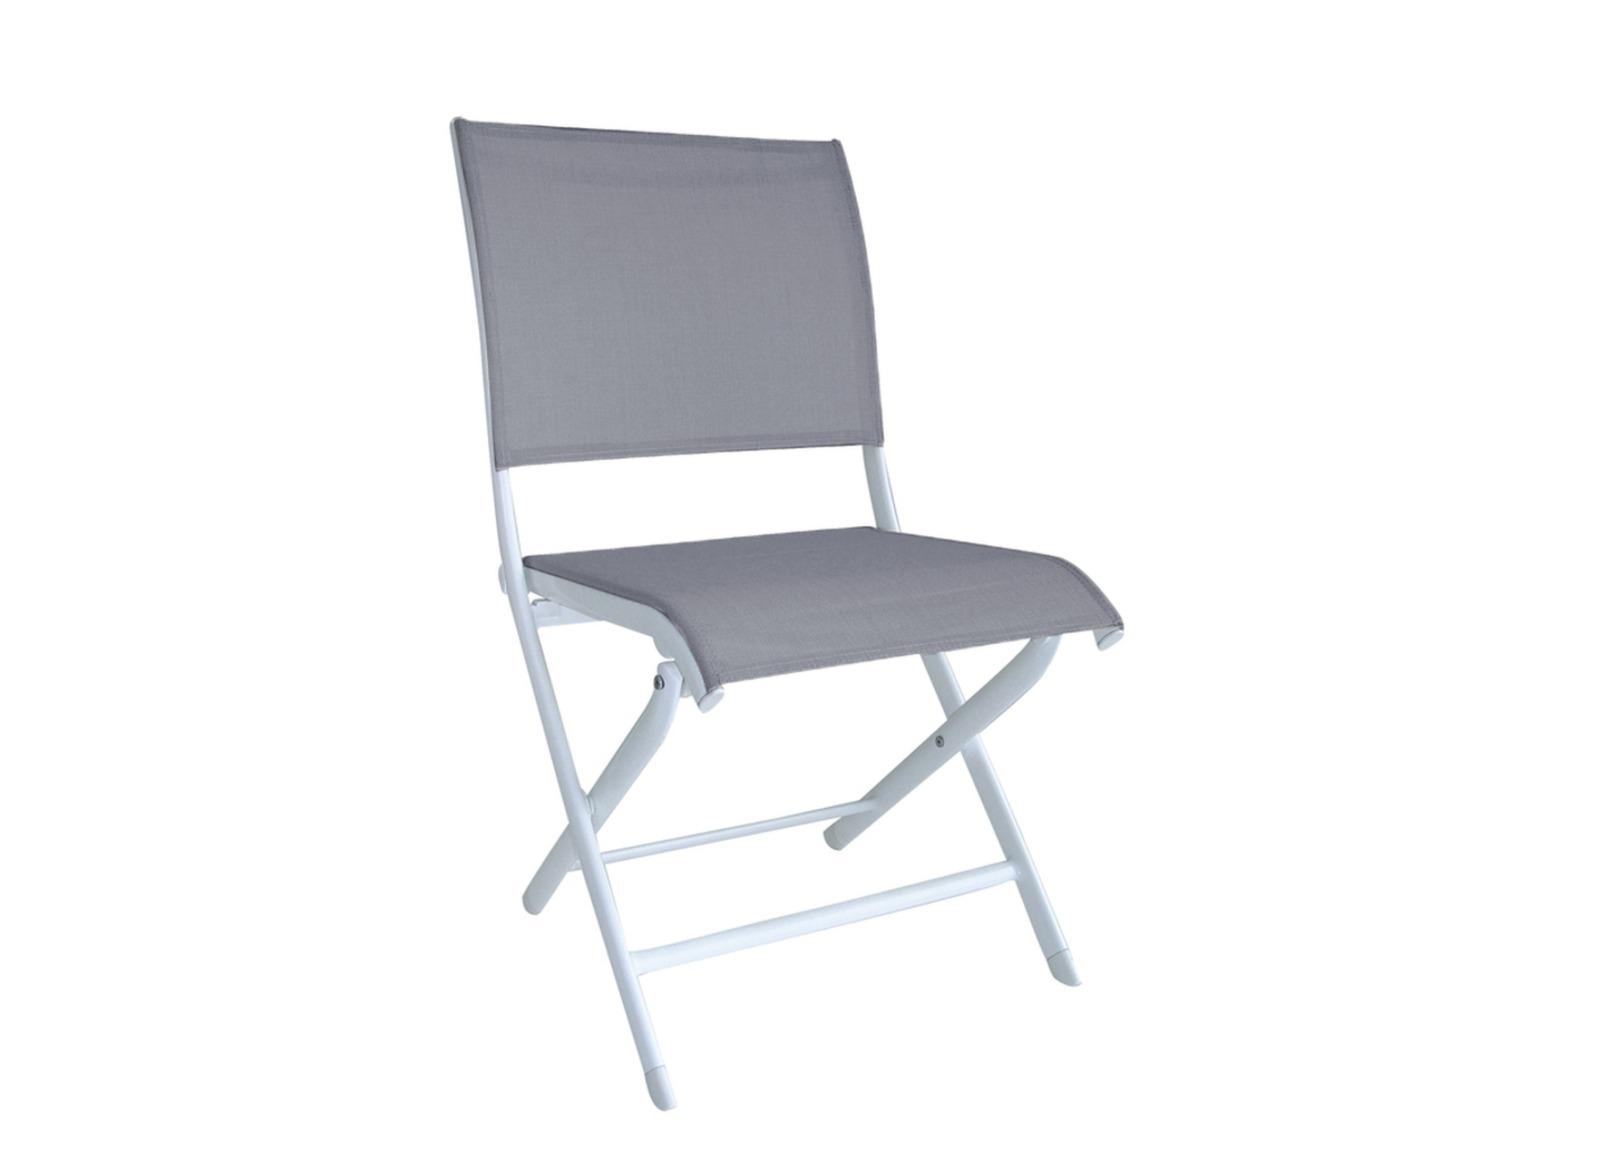 Chaise de jardin pliante violette et grise l gance oc o - Chaise pliante salon ...